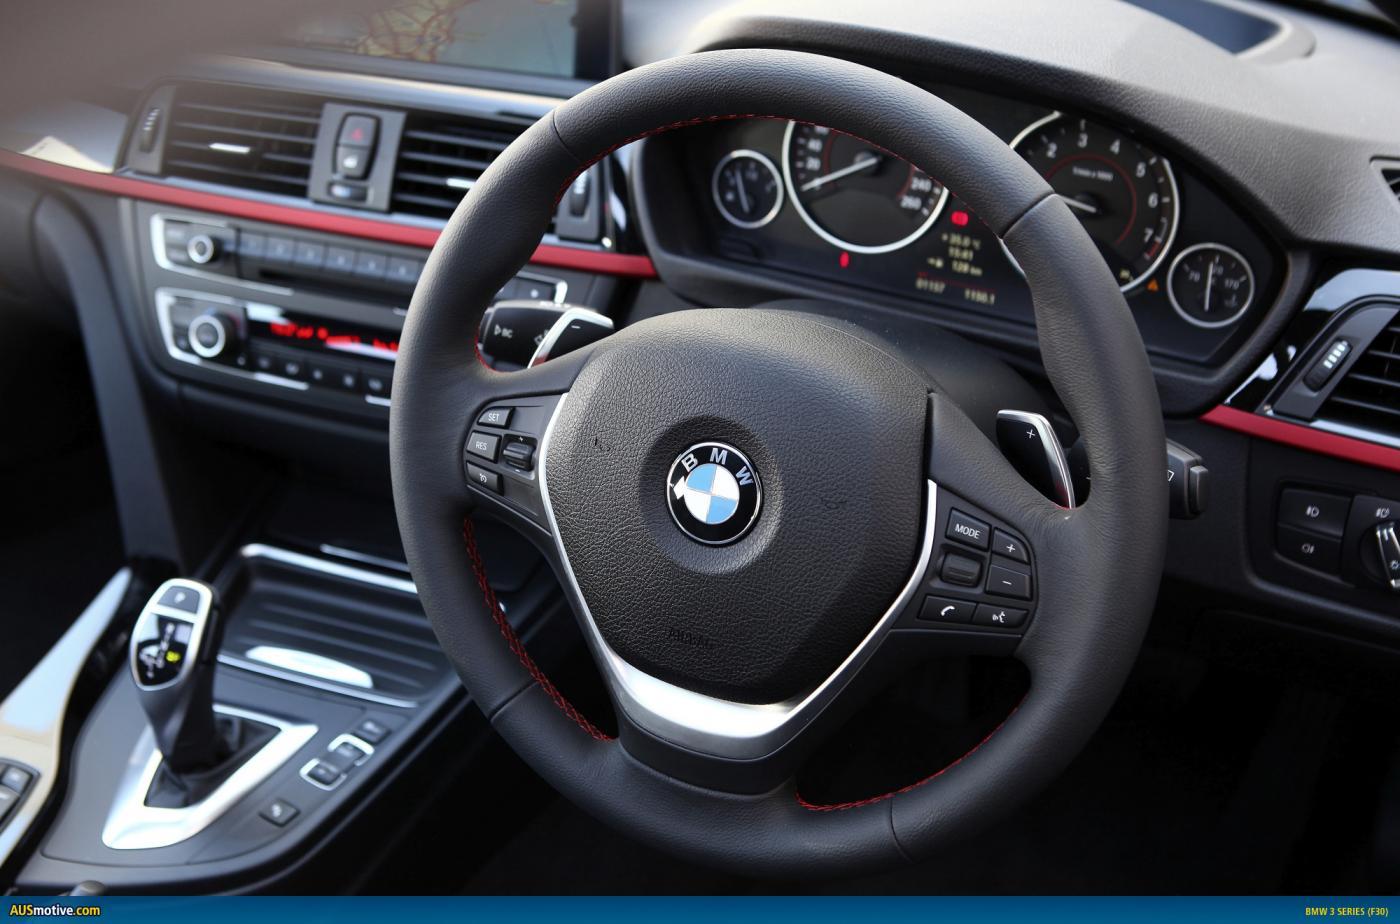 M Style Steering Wheel Vs Sport Style Steering Wheel